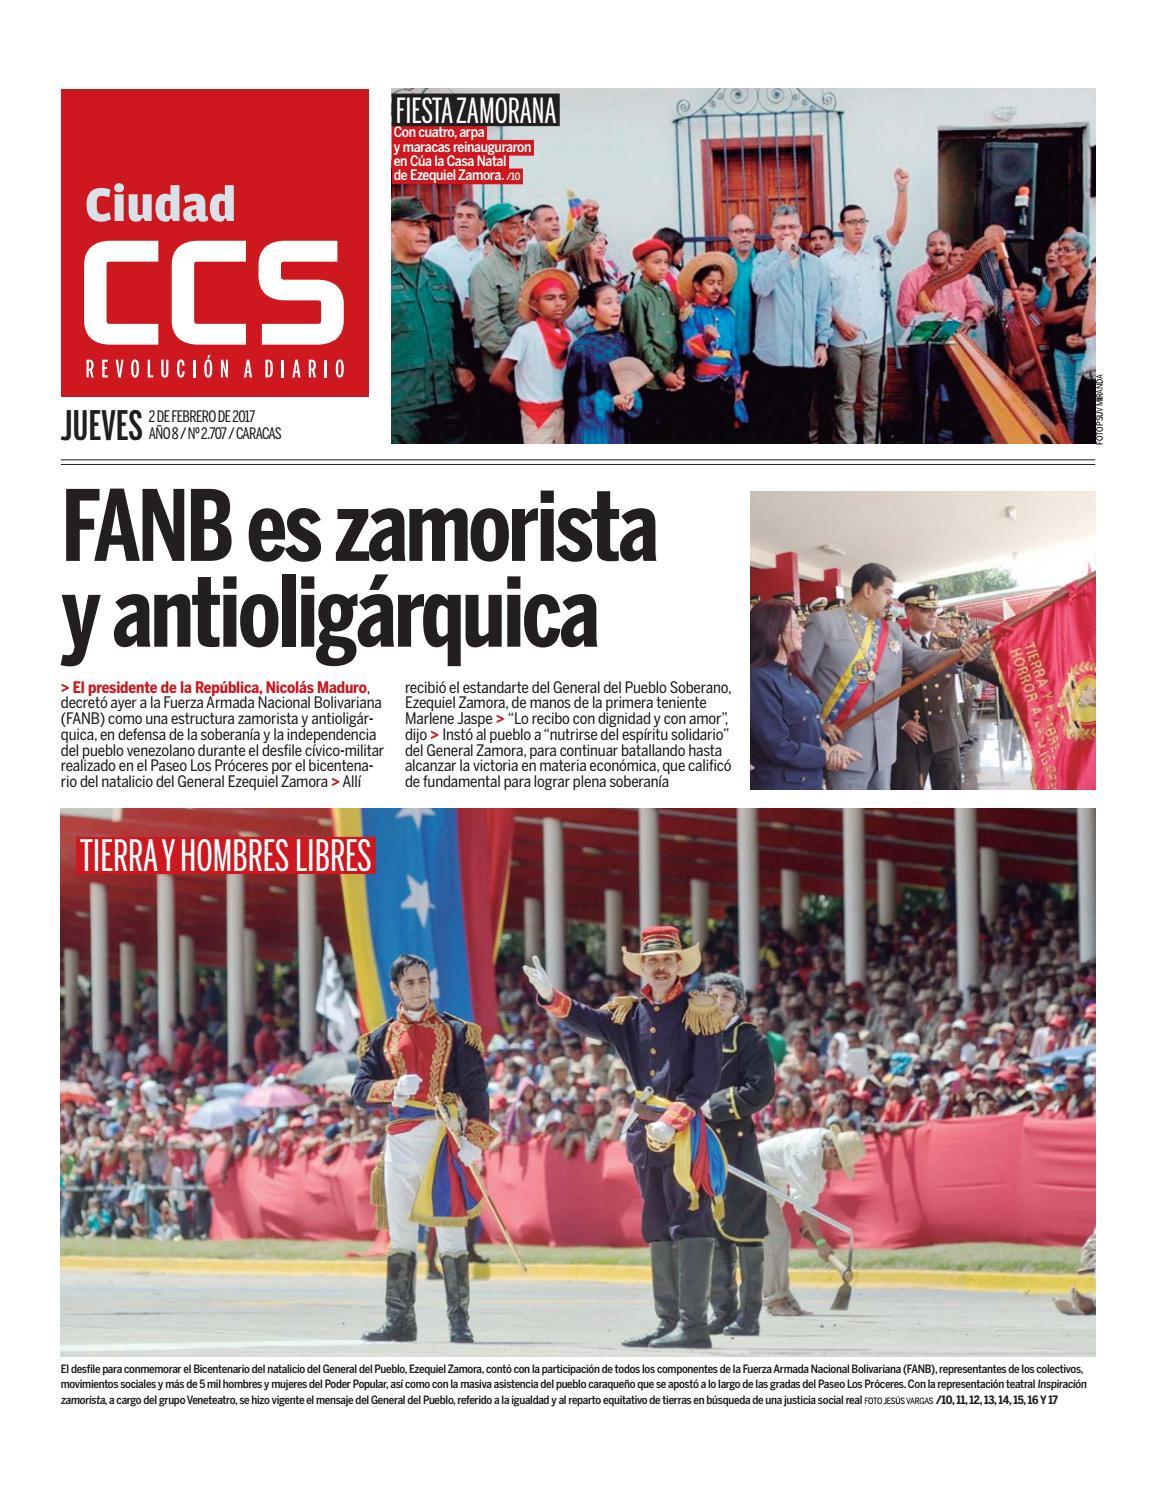 02 02 17 by Ciudad CCS - issuu 5c3cdb8910f